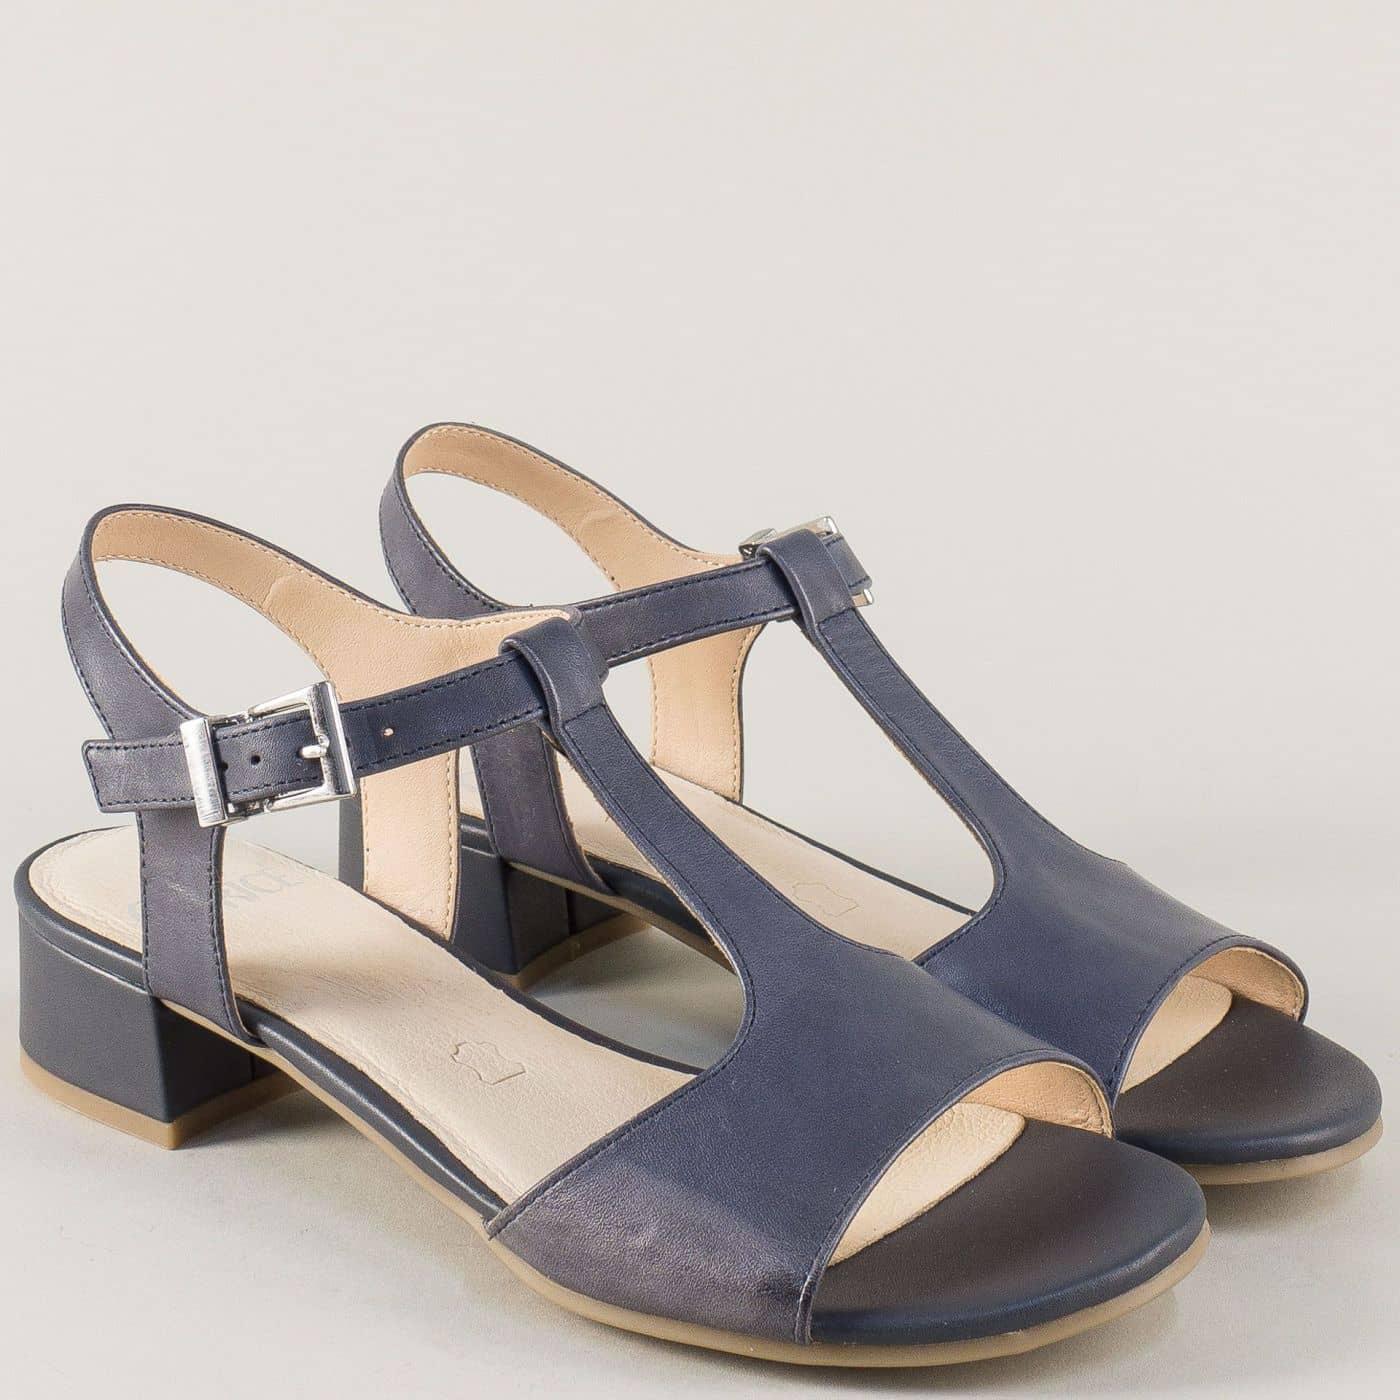 6d99c5c48a4 Дамски сандали на нисък ток от синя естествена кожа 9928205s - Sisi-bg.com